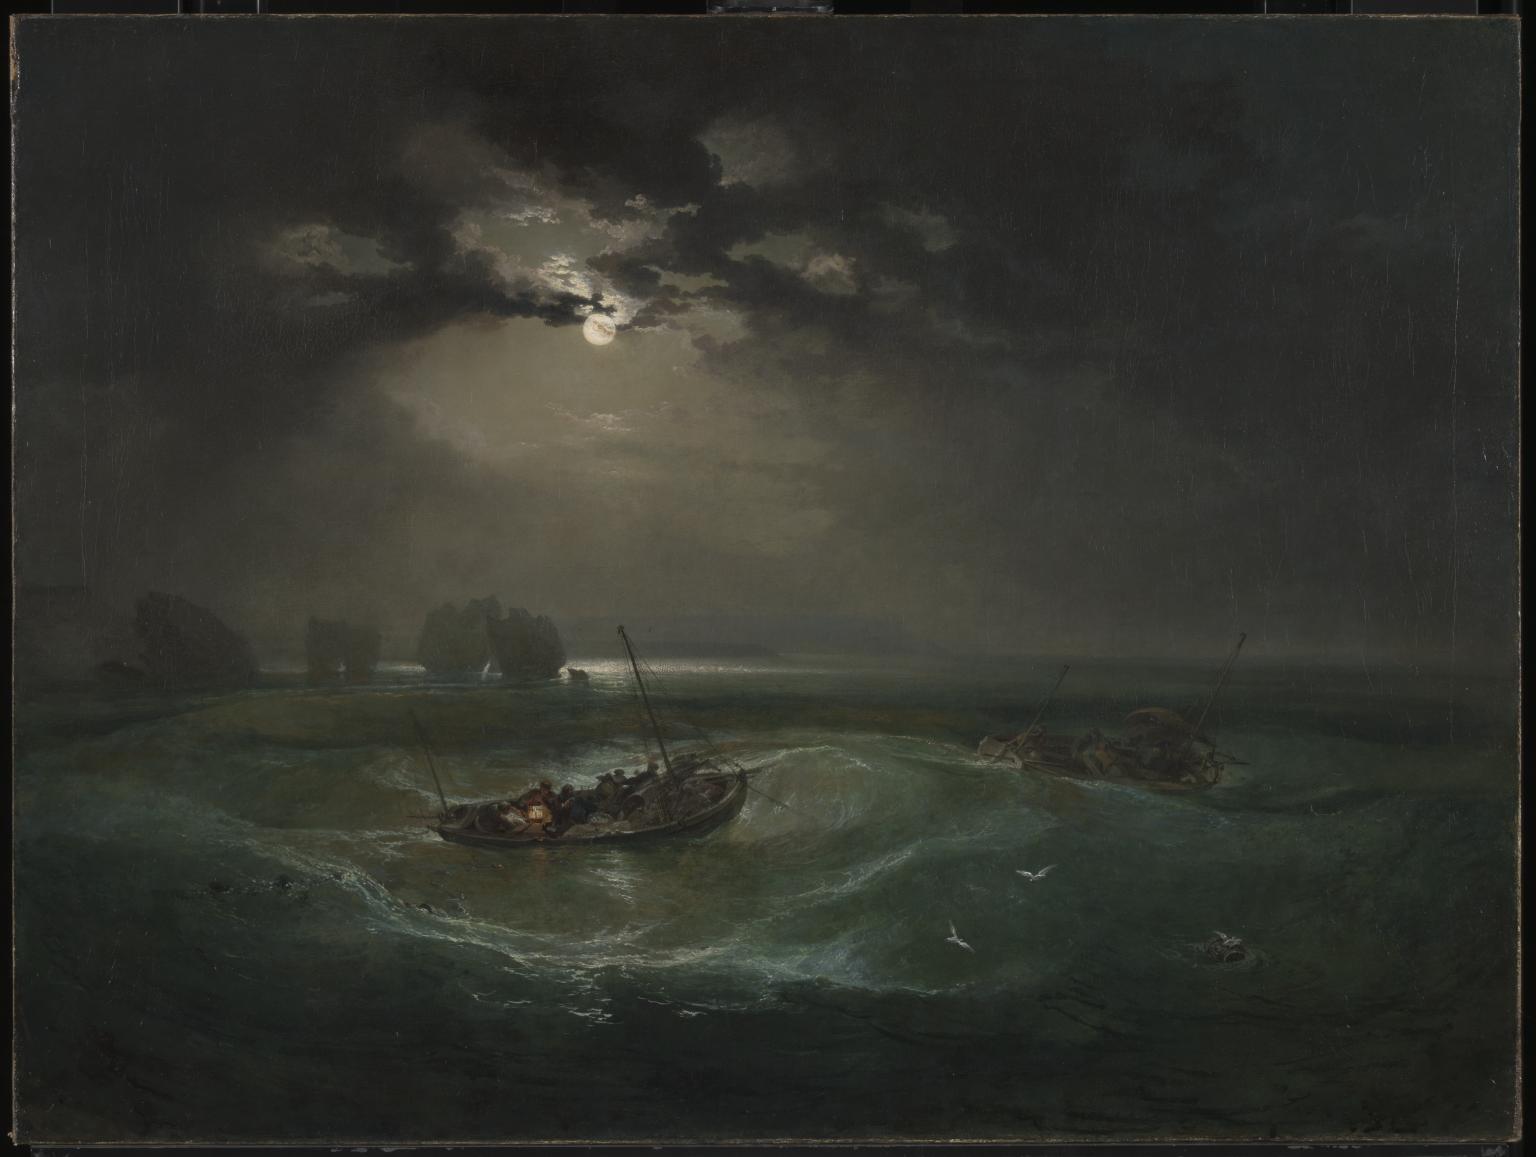 Pescatori in mare